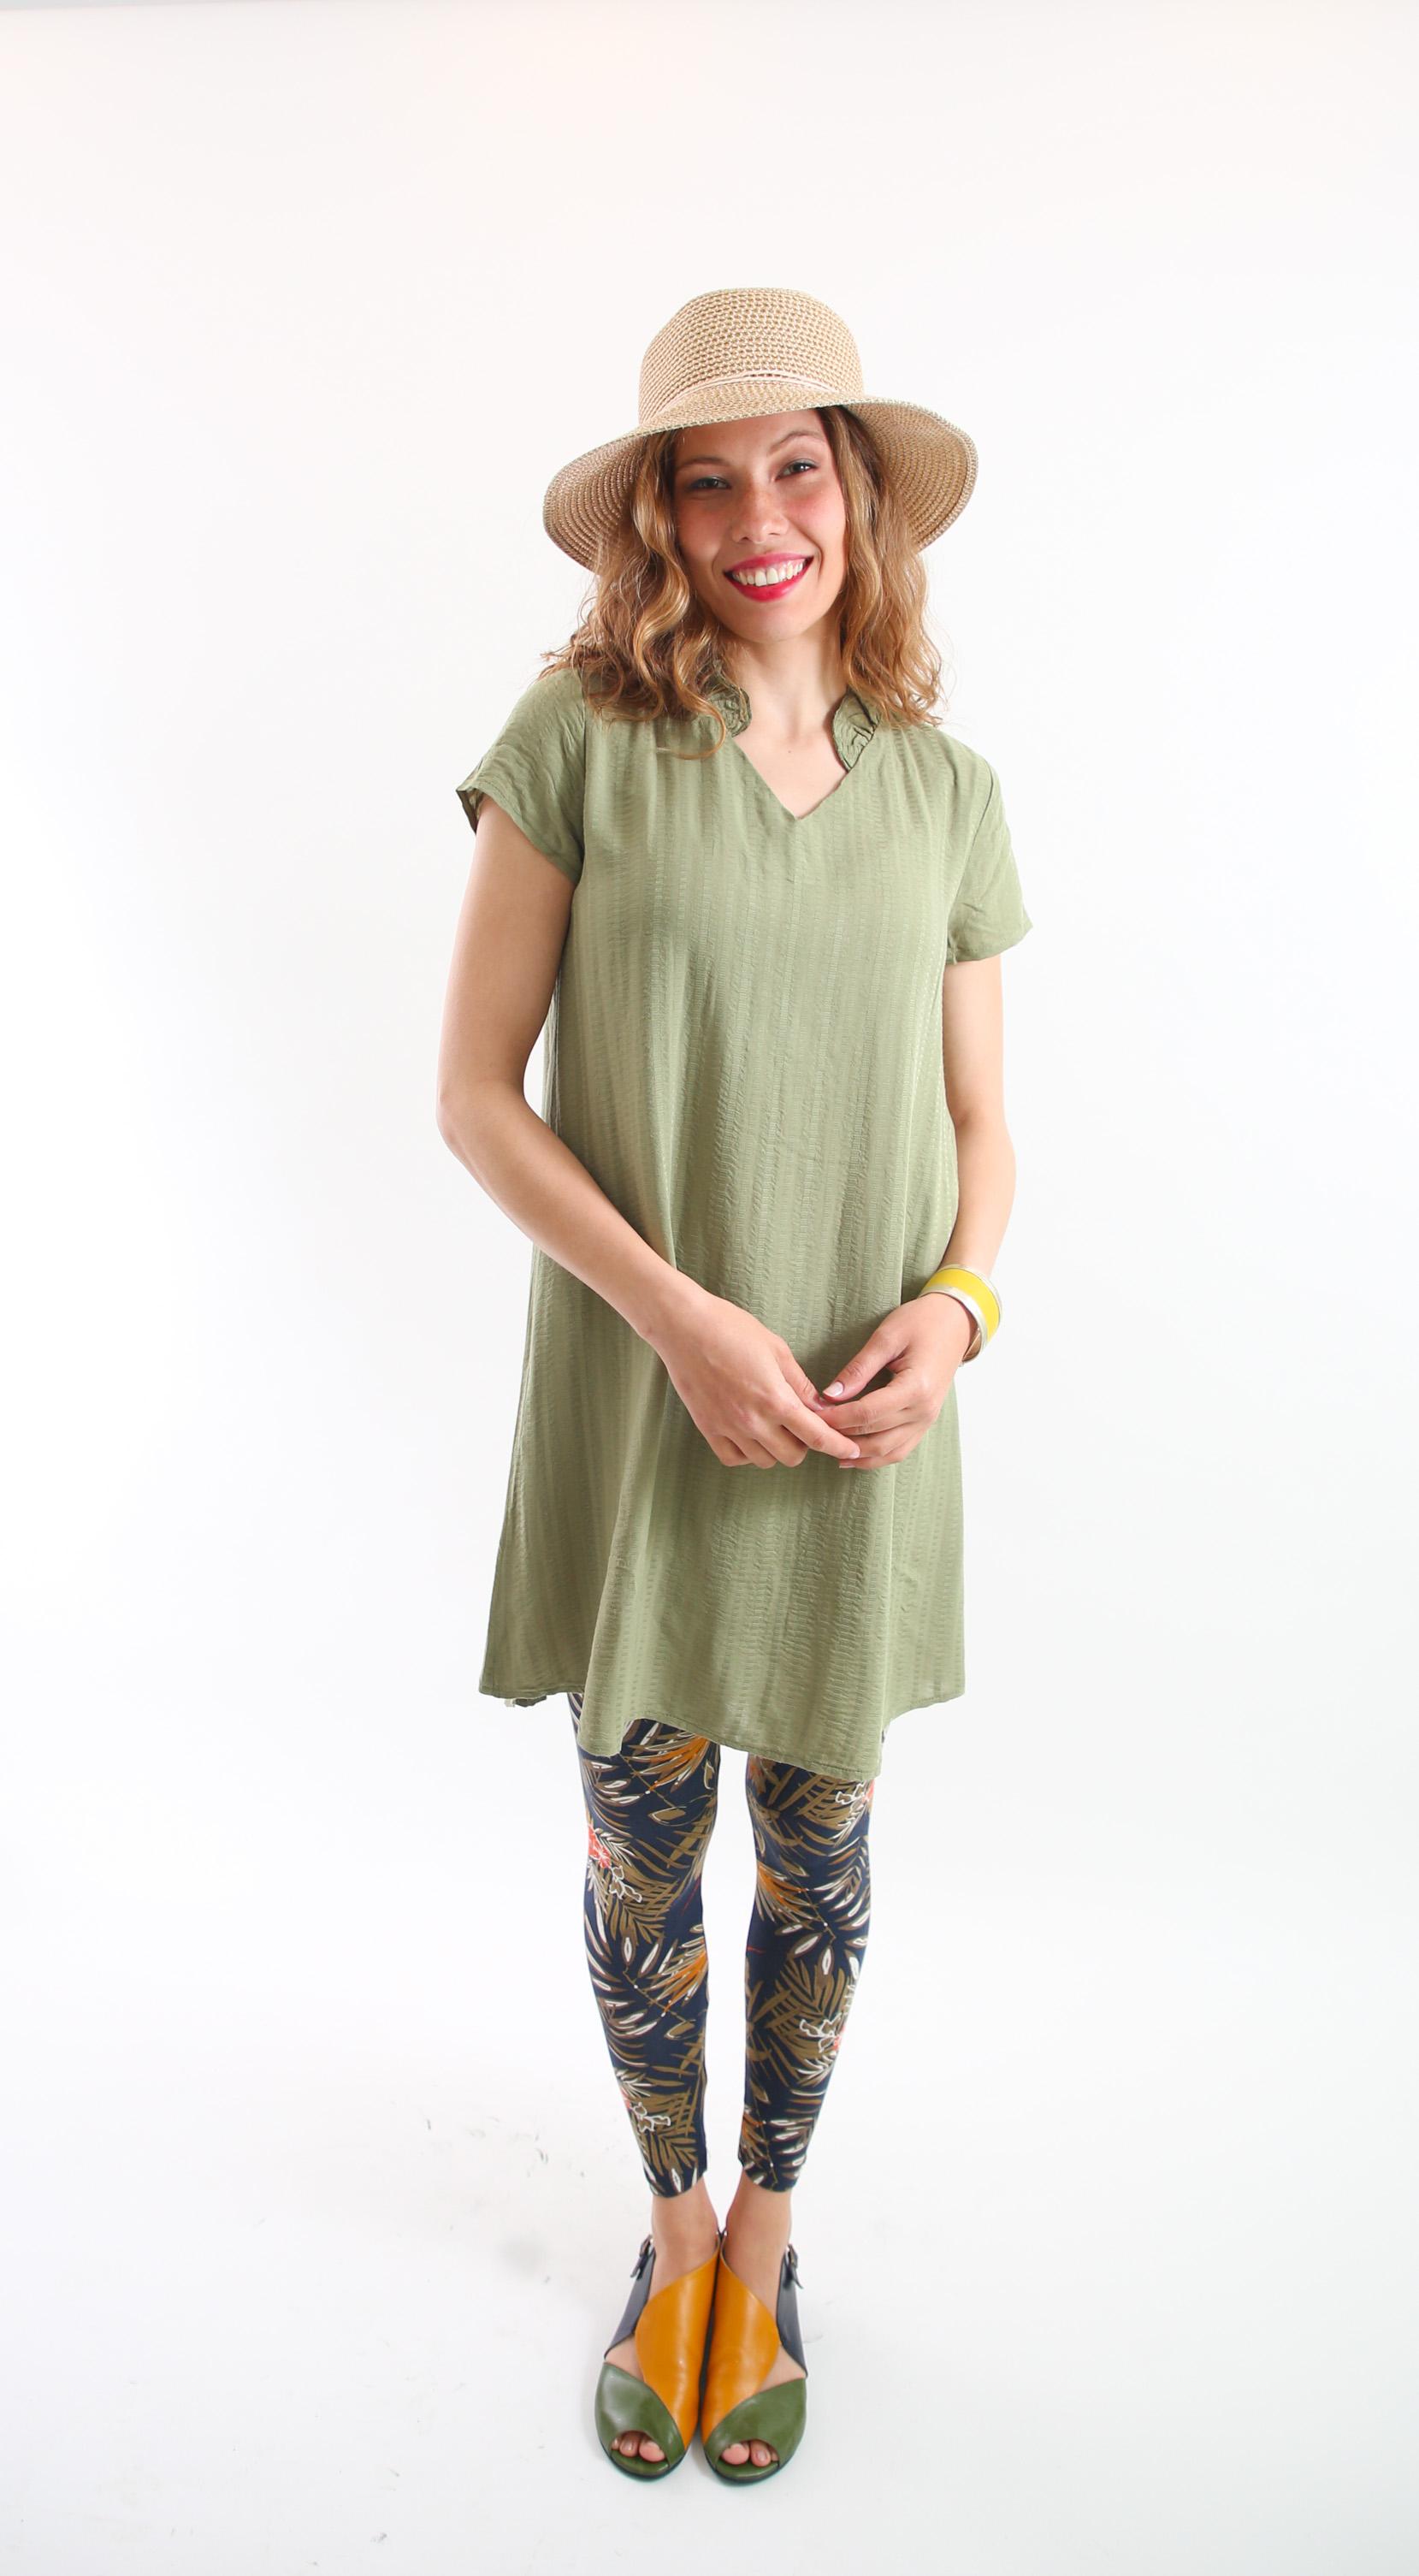 טוניקת וולאן ירוקה עם שרוול קצר